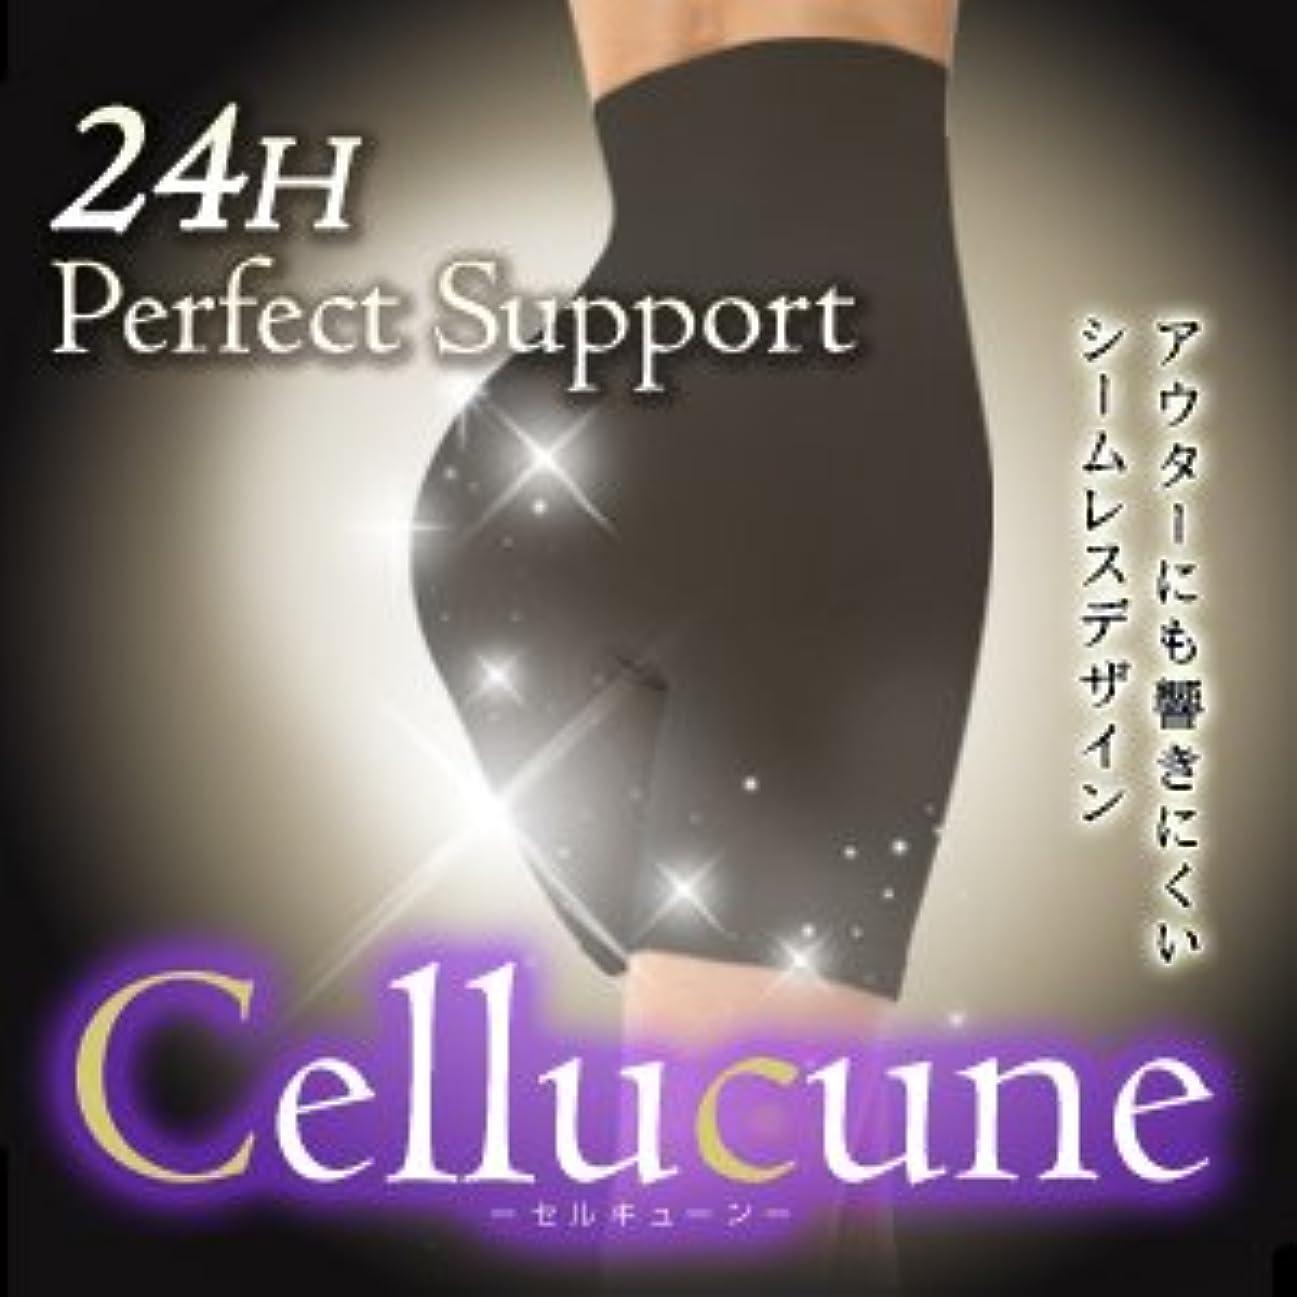 スカイ離れて提供された【M-L】セルキューン -Cellucune- 痩身特化骨盤補正ショーツ